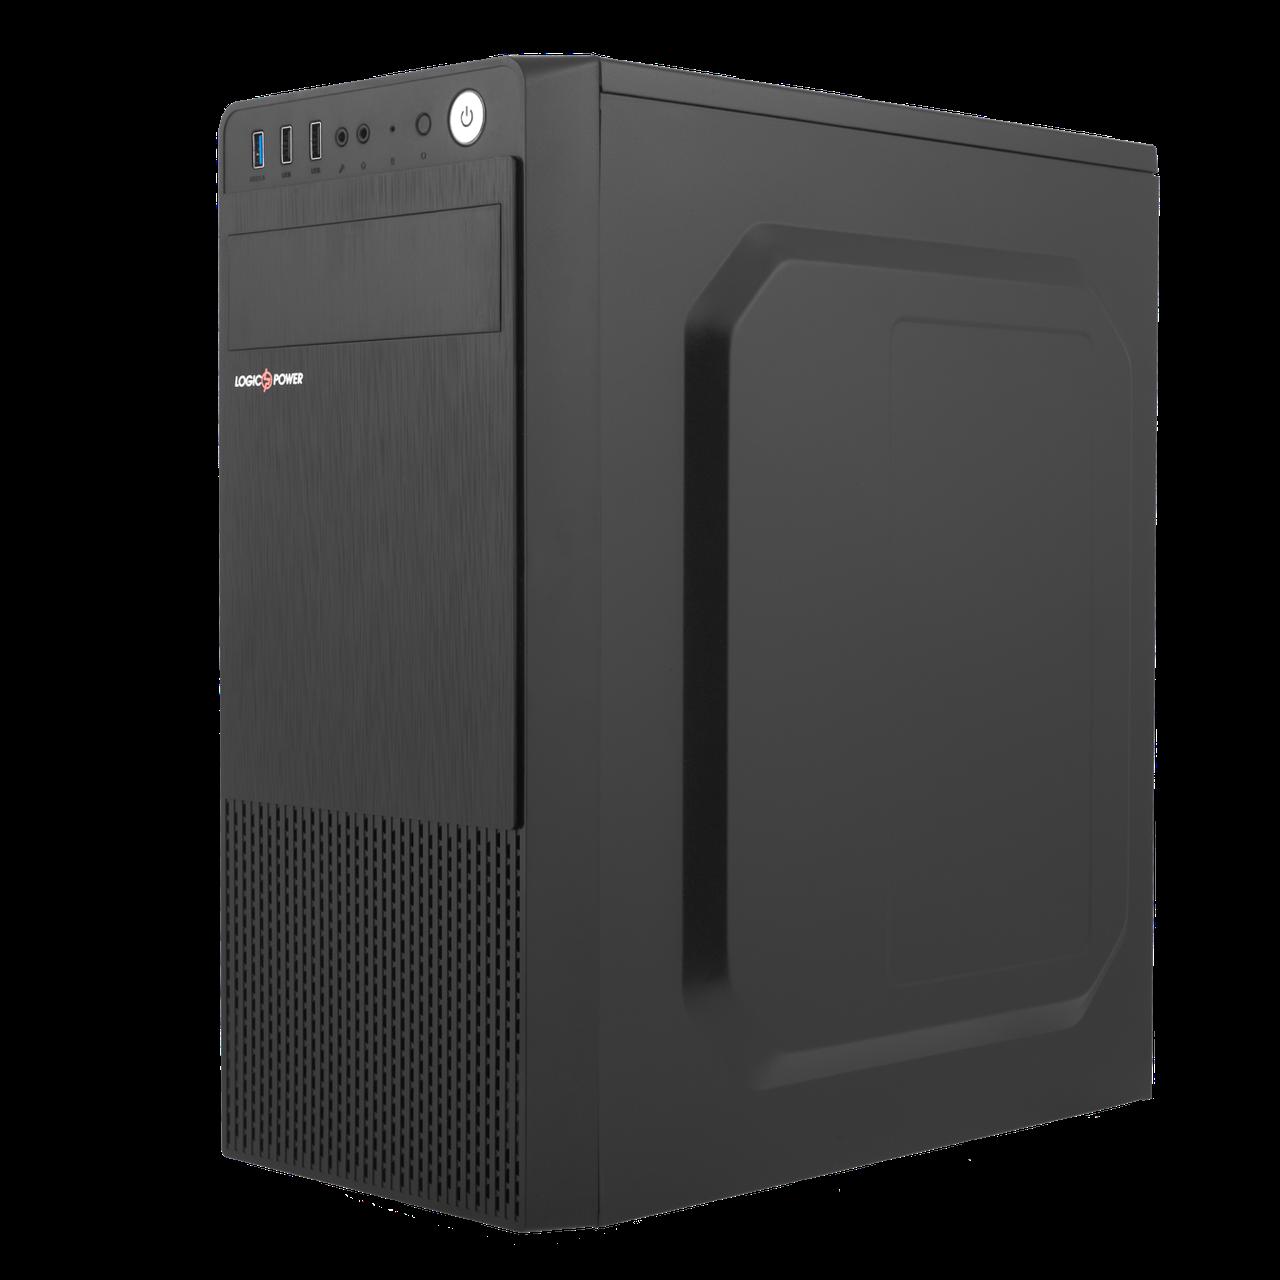 Корпус LP 2008-450W 8см black case chassis cover с 2xUSB2.0 и 1xUSB3.0